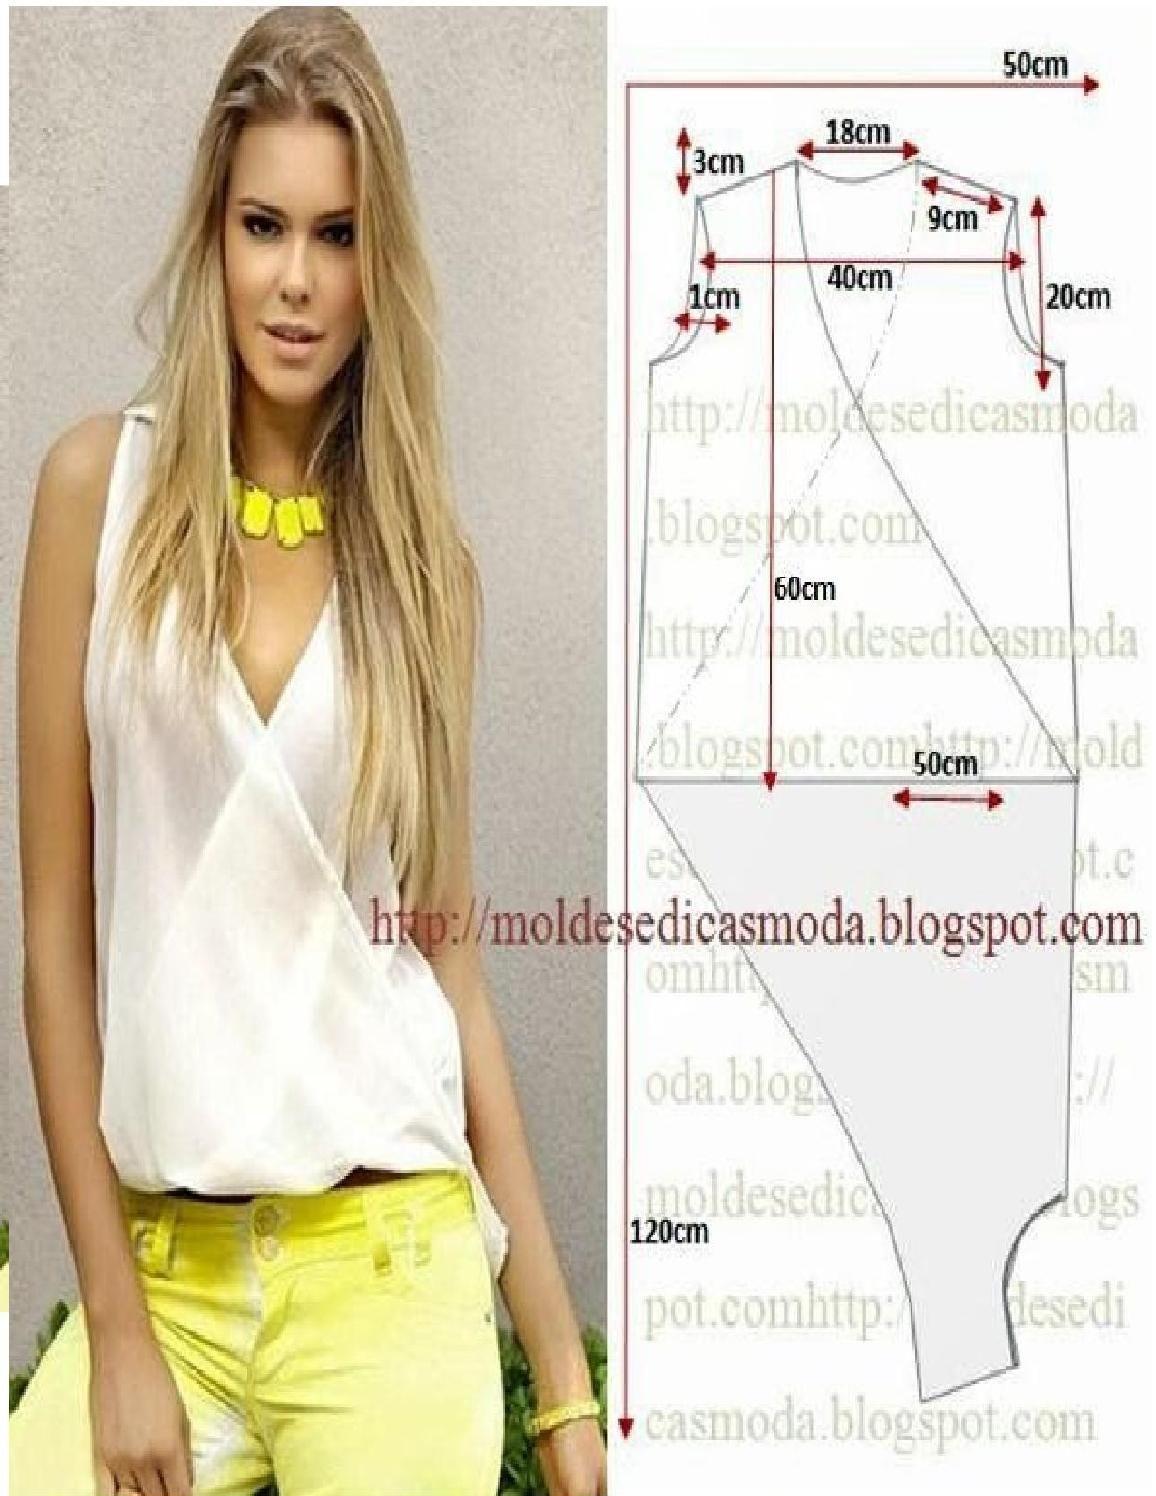 molde patrones costura | Lis | Pinterest | Costura, Moda y Vestidos